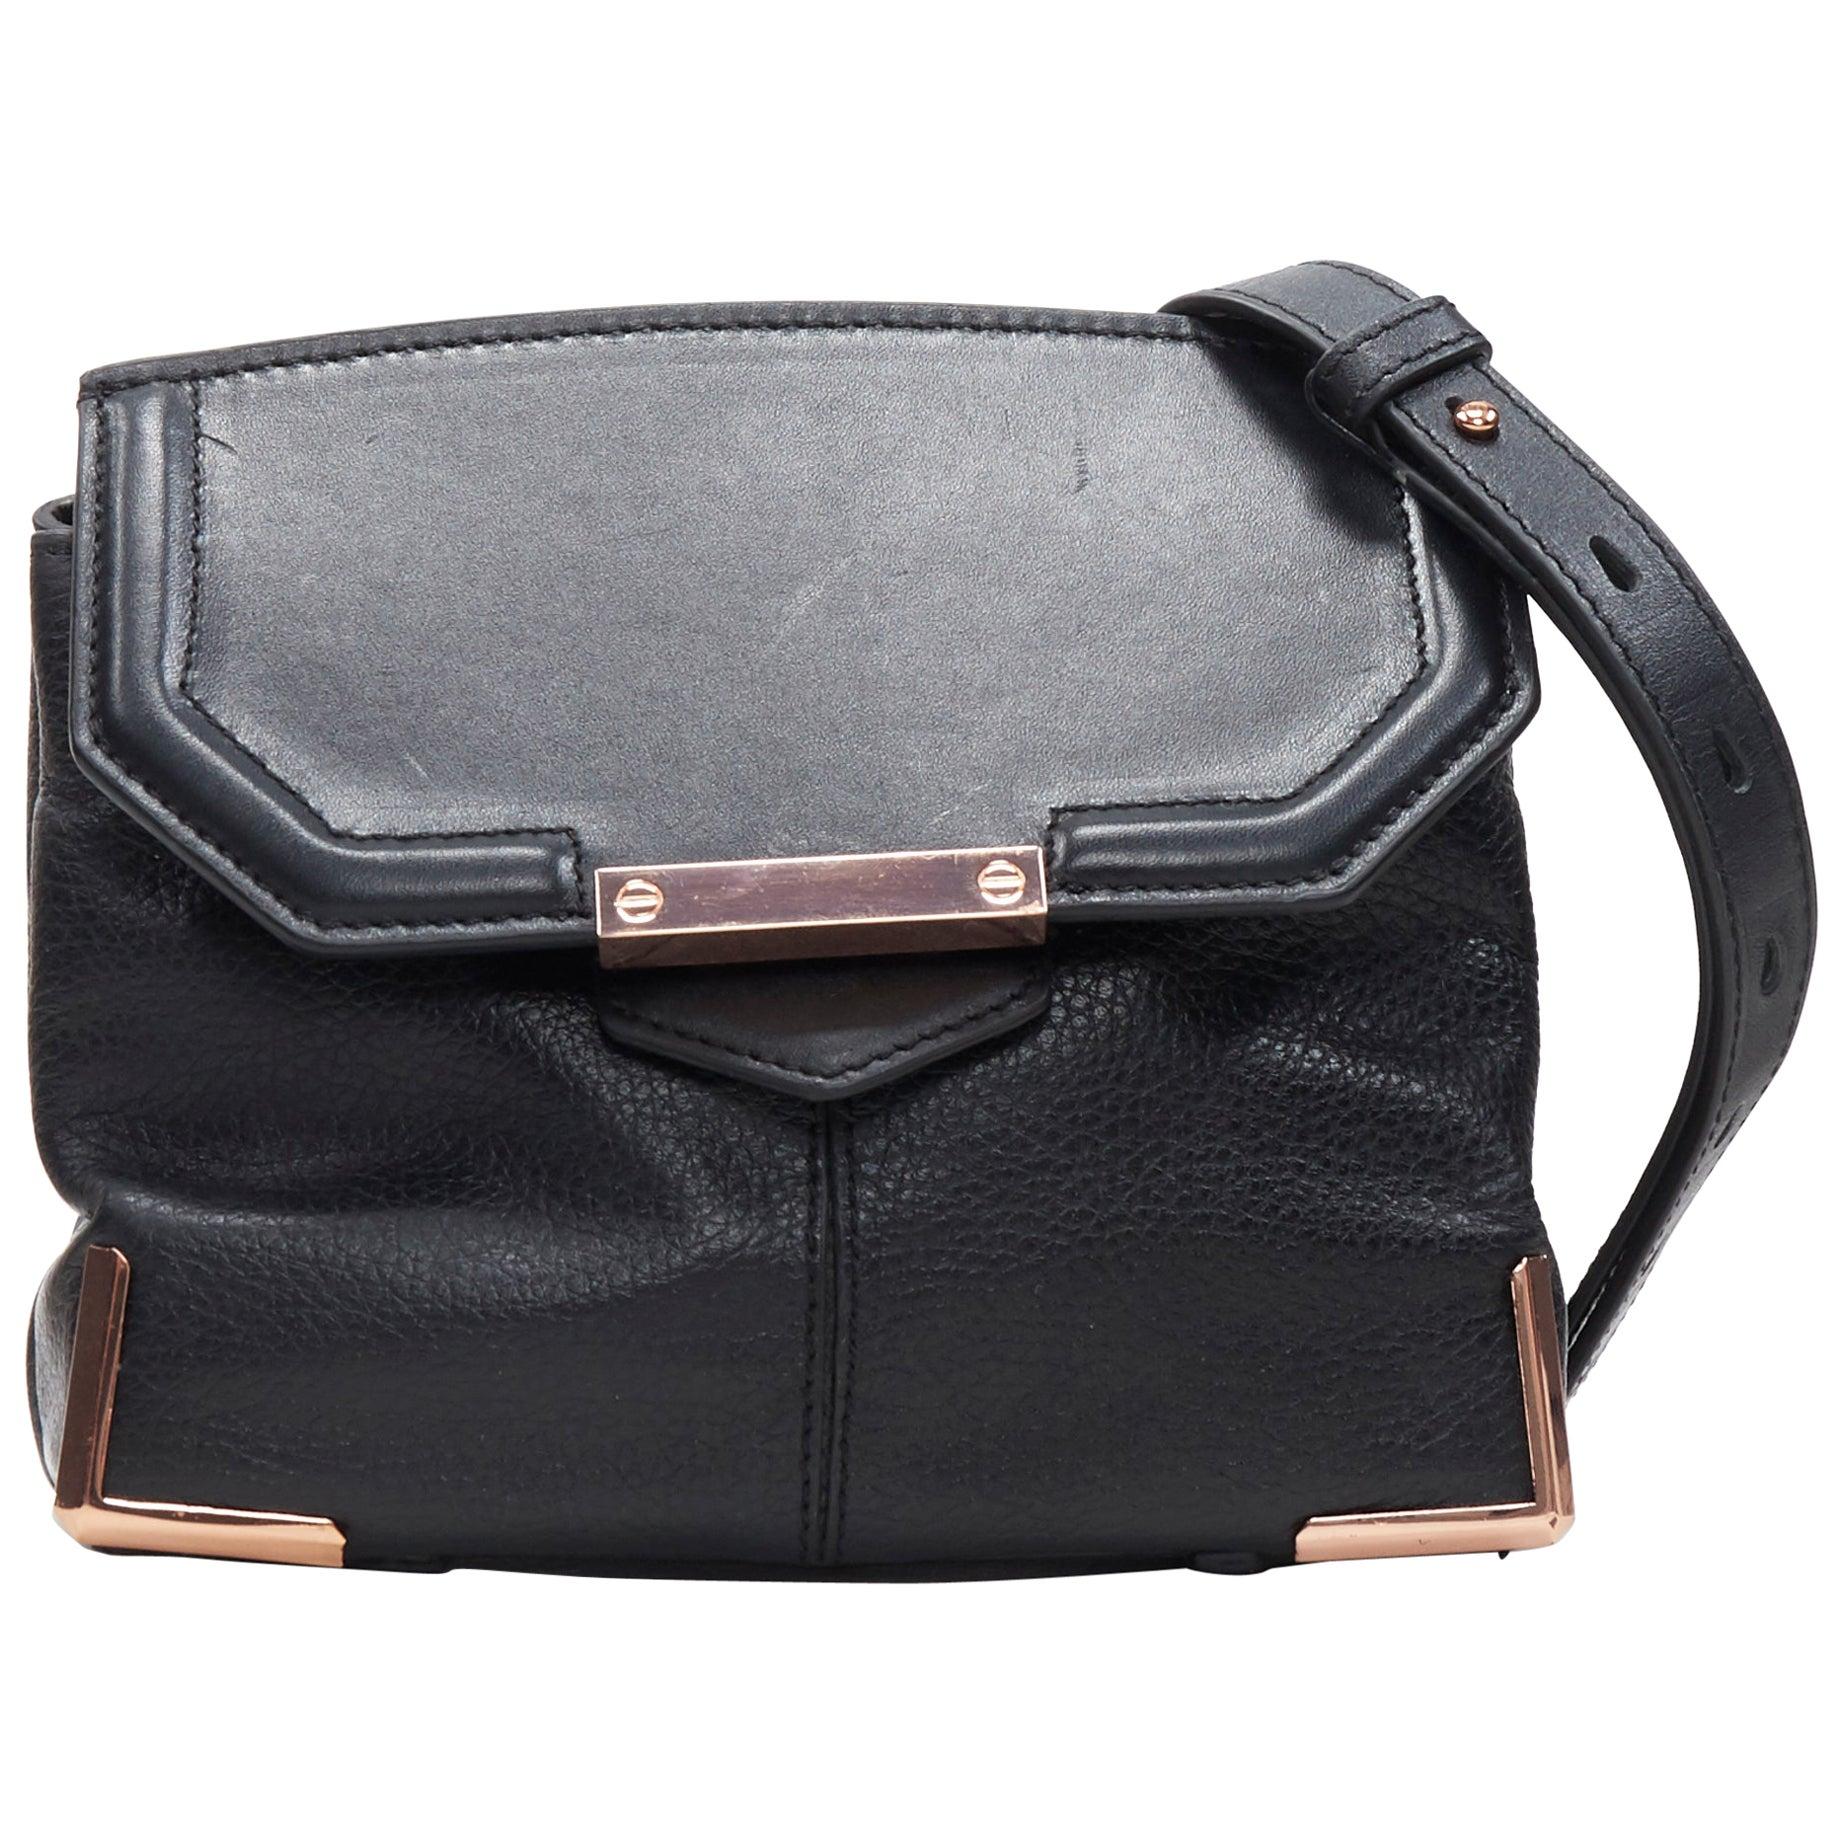 ALEXANDER WANG Prism black leather copper hardware flap shoulder bag